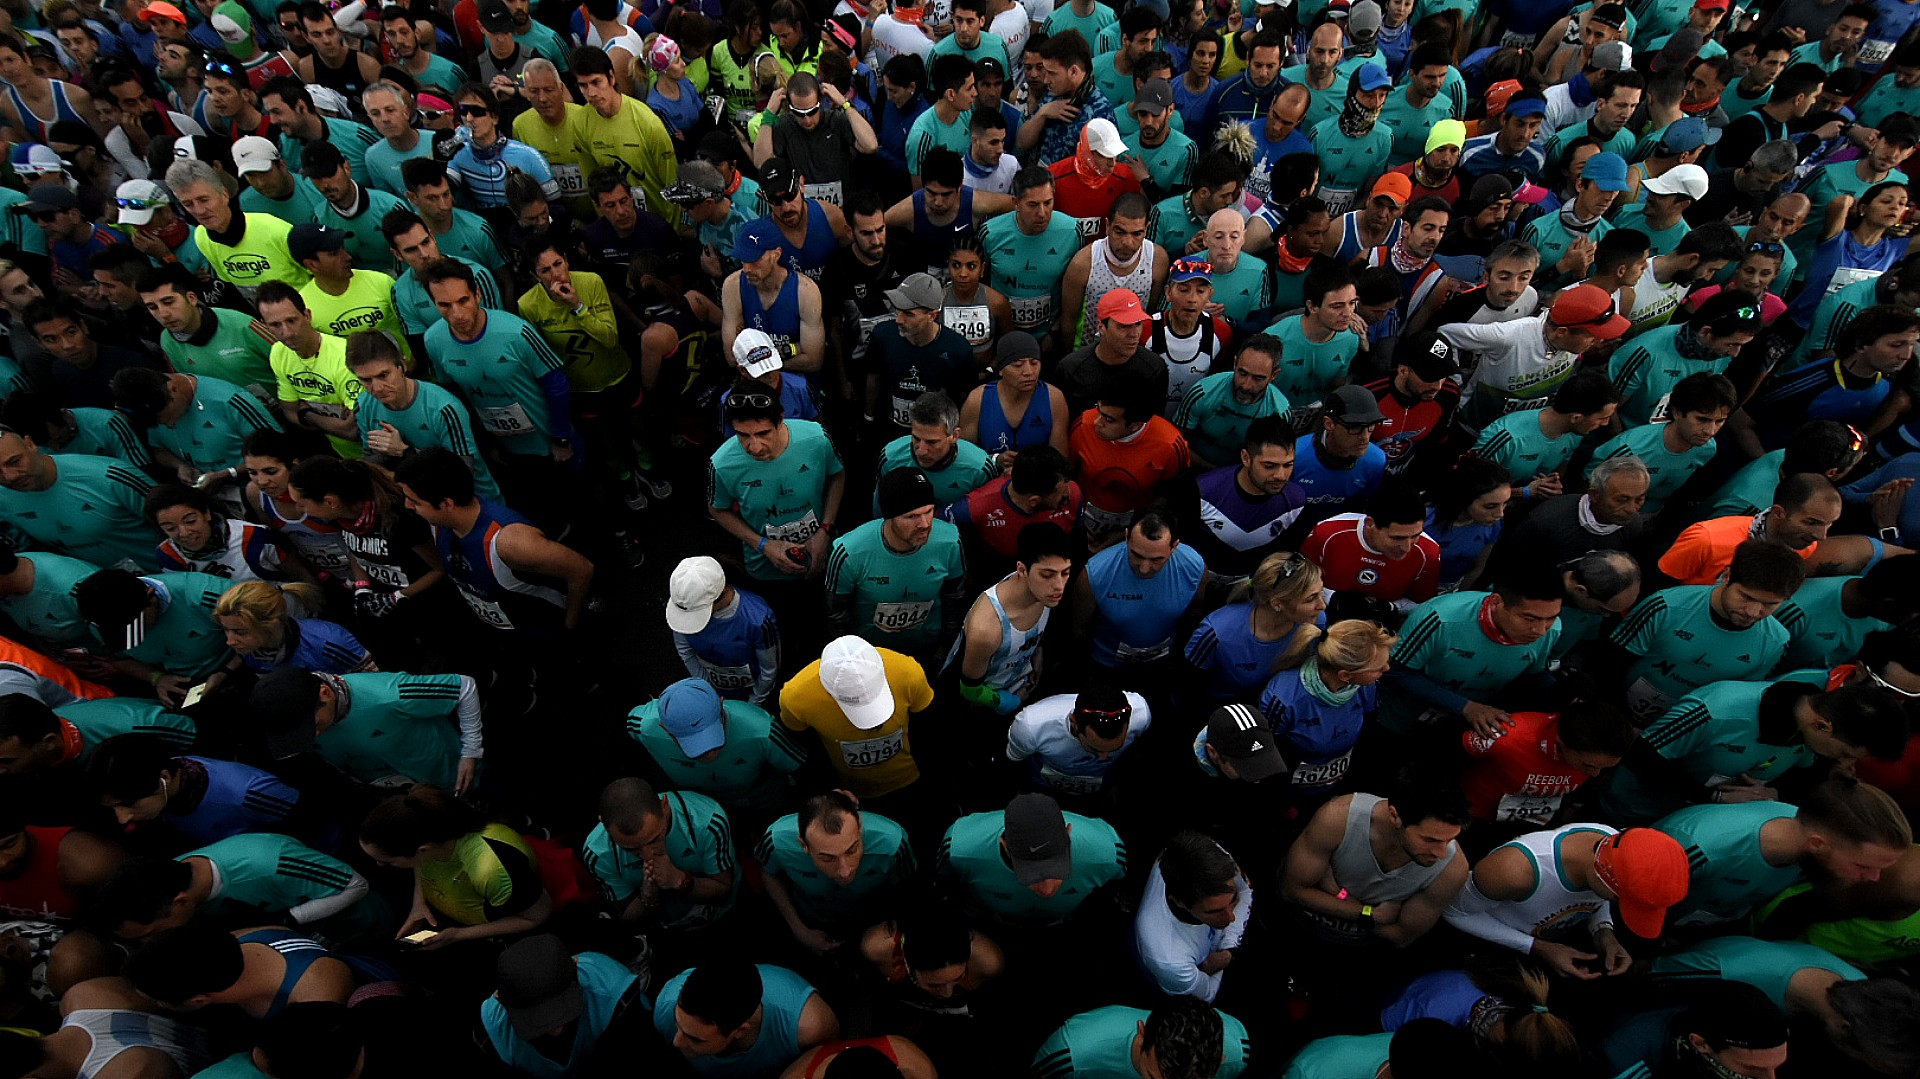 Los mejores fondistas argentinos se reunieron ávidos de tener la posibilidad de competir en una prueba del máximo nivel internacional, que ya tiene tres décadas, con los mejores del ranking IAAF de la temporada